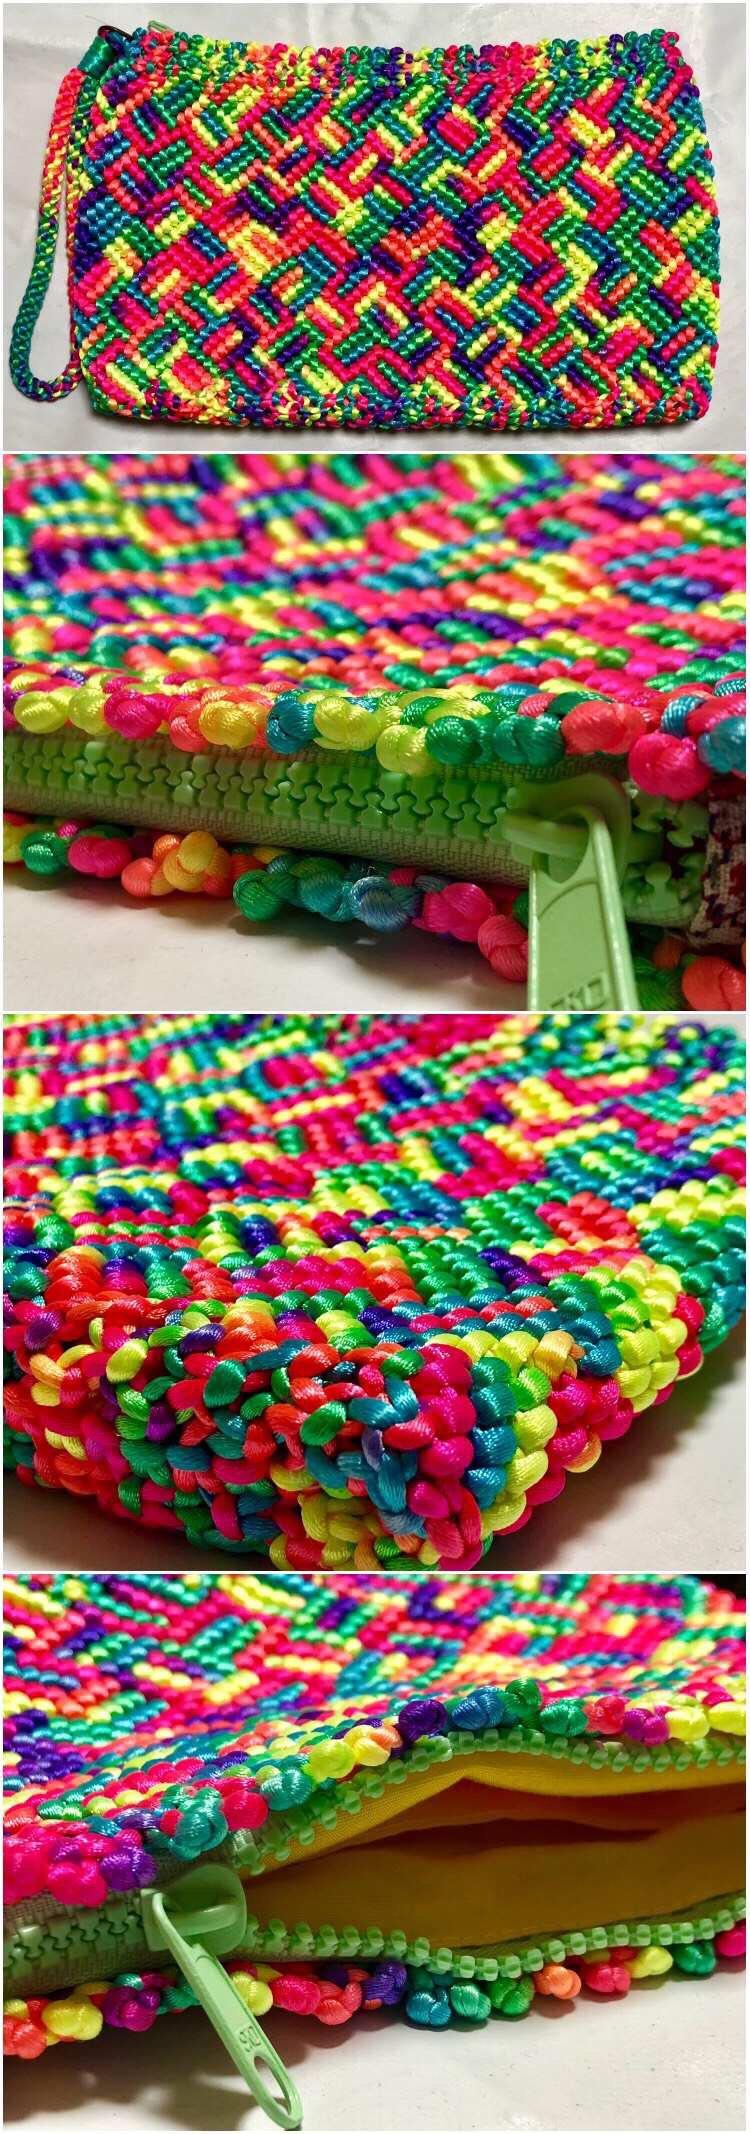 中国结论坛 仿制国外的绳编包包,有几个部分缝制拉链内袋也针线缝合一起哦 仿制,国外,包包,几个,部分 作品展示 063751lq68xqp4hfxz88hx